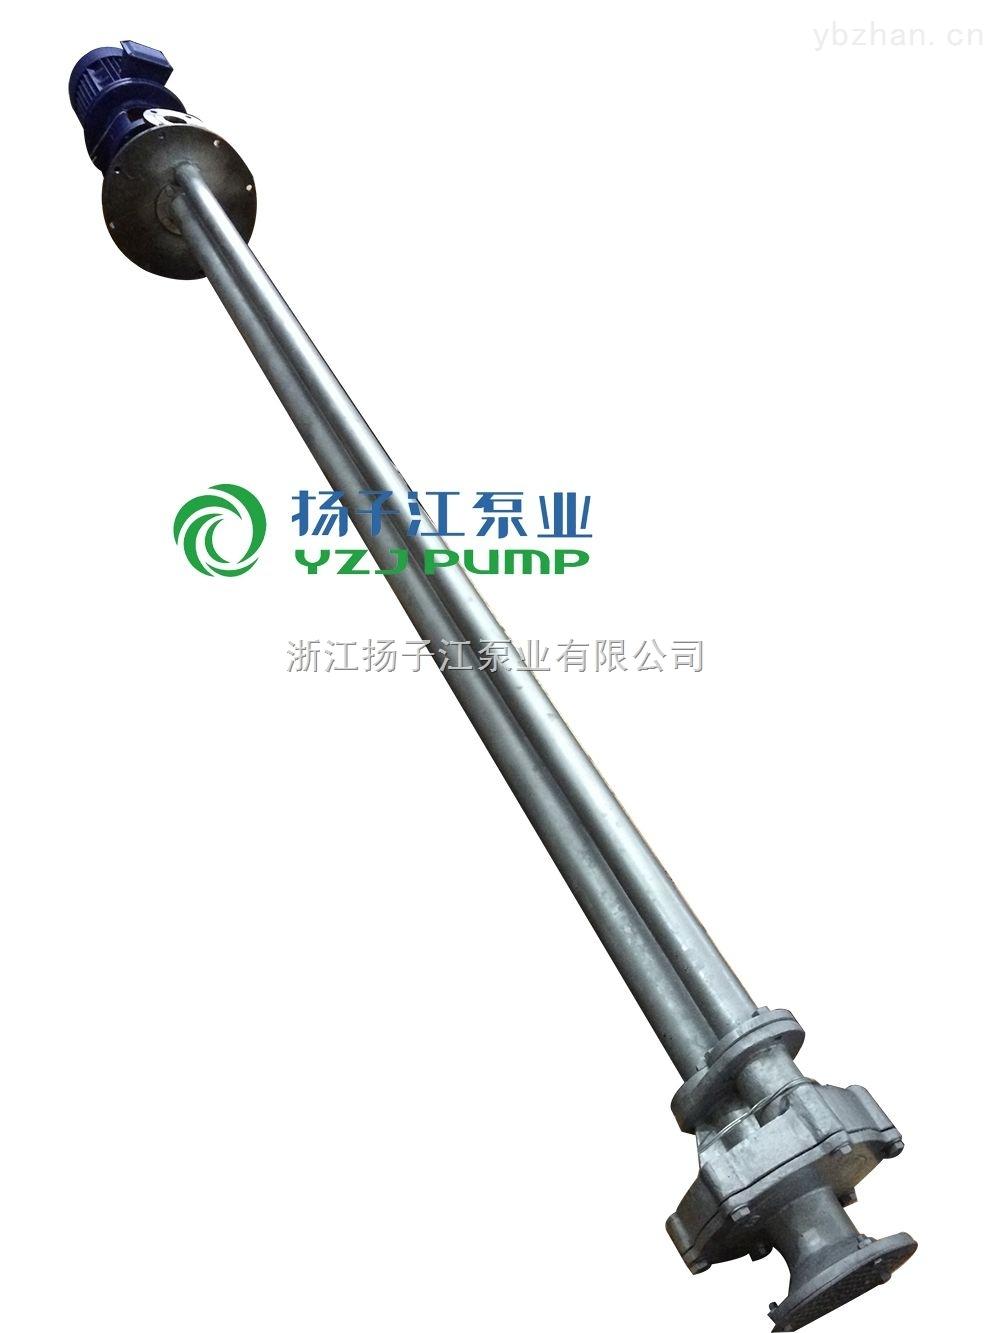 FY不锈钢液下泵,耐腐蚀液下泵,长轴液下泵